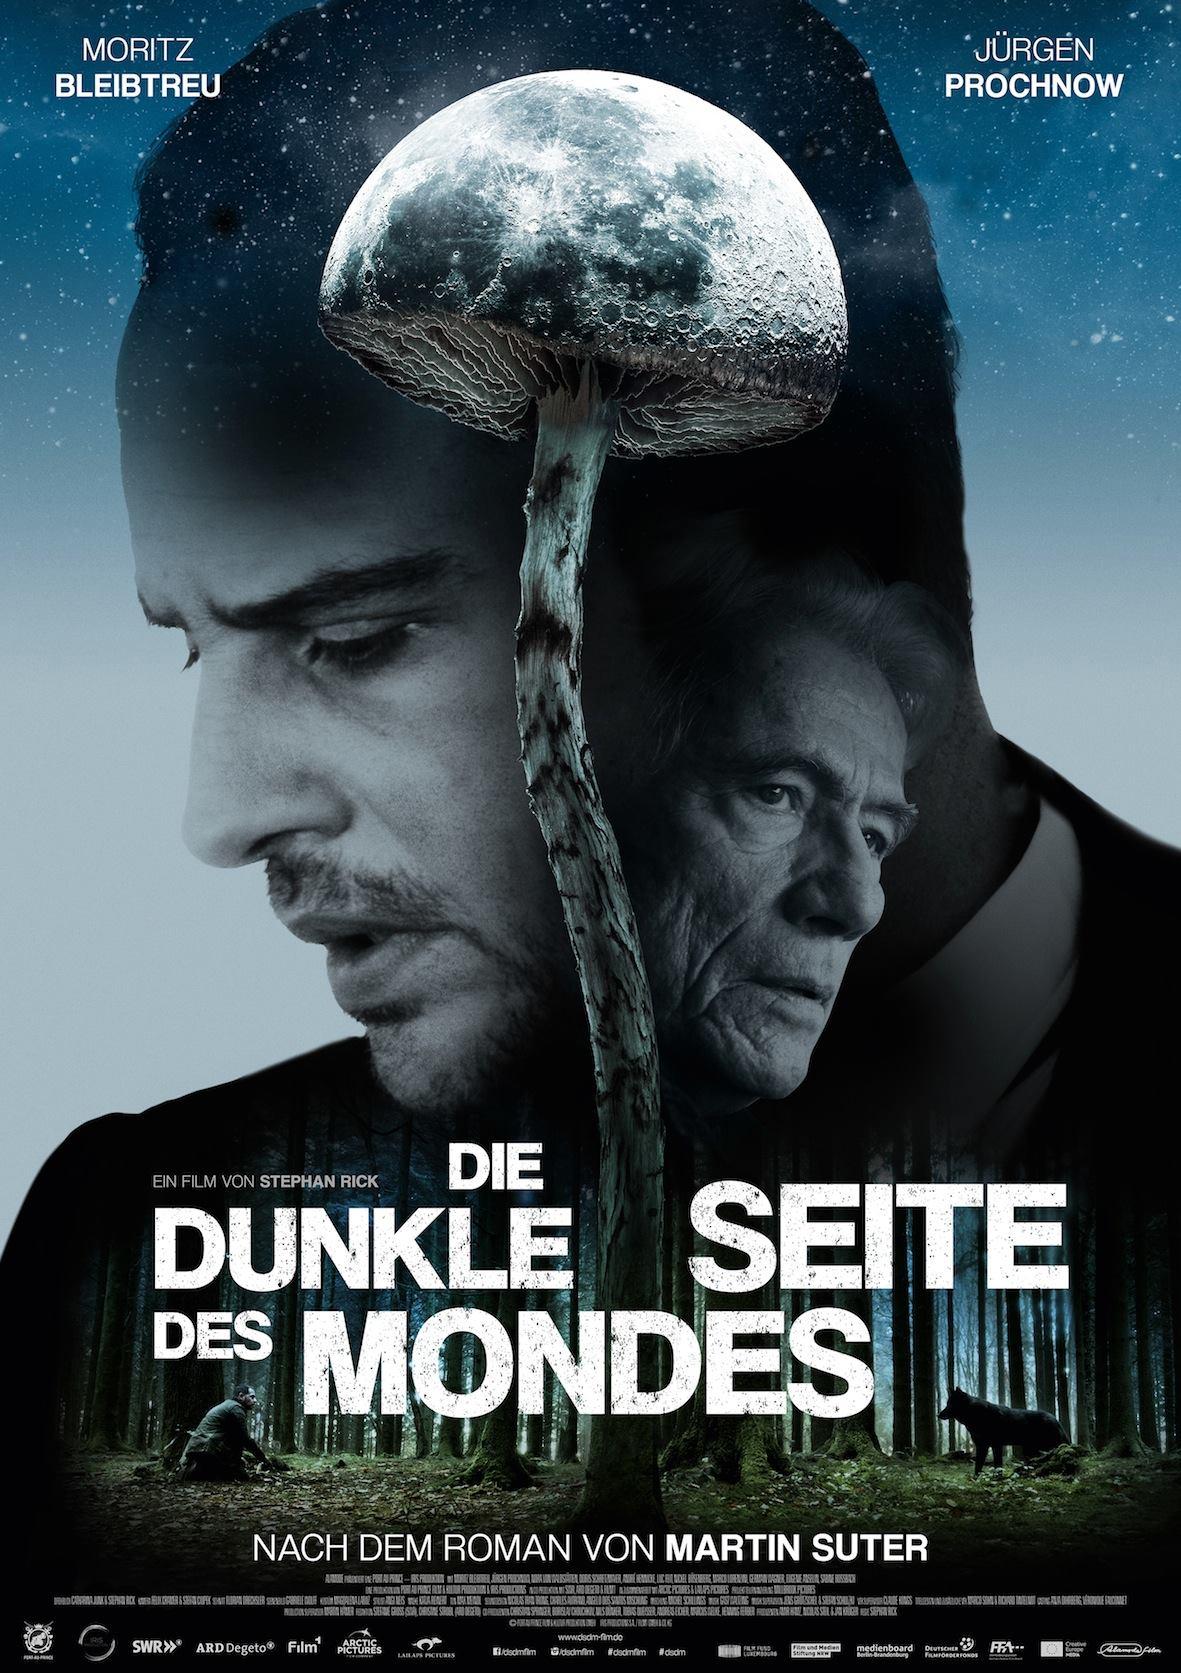 Die dunkle Seite des Mondes aka The Dark Side of the Moon (2015)